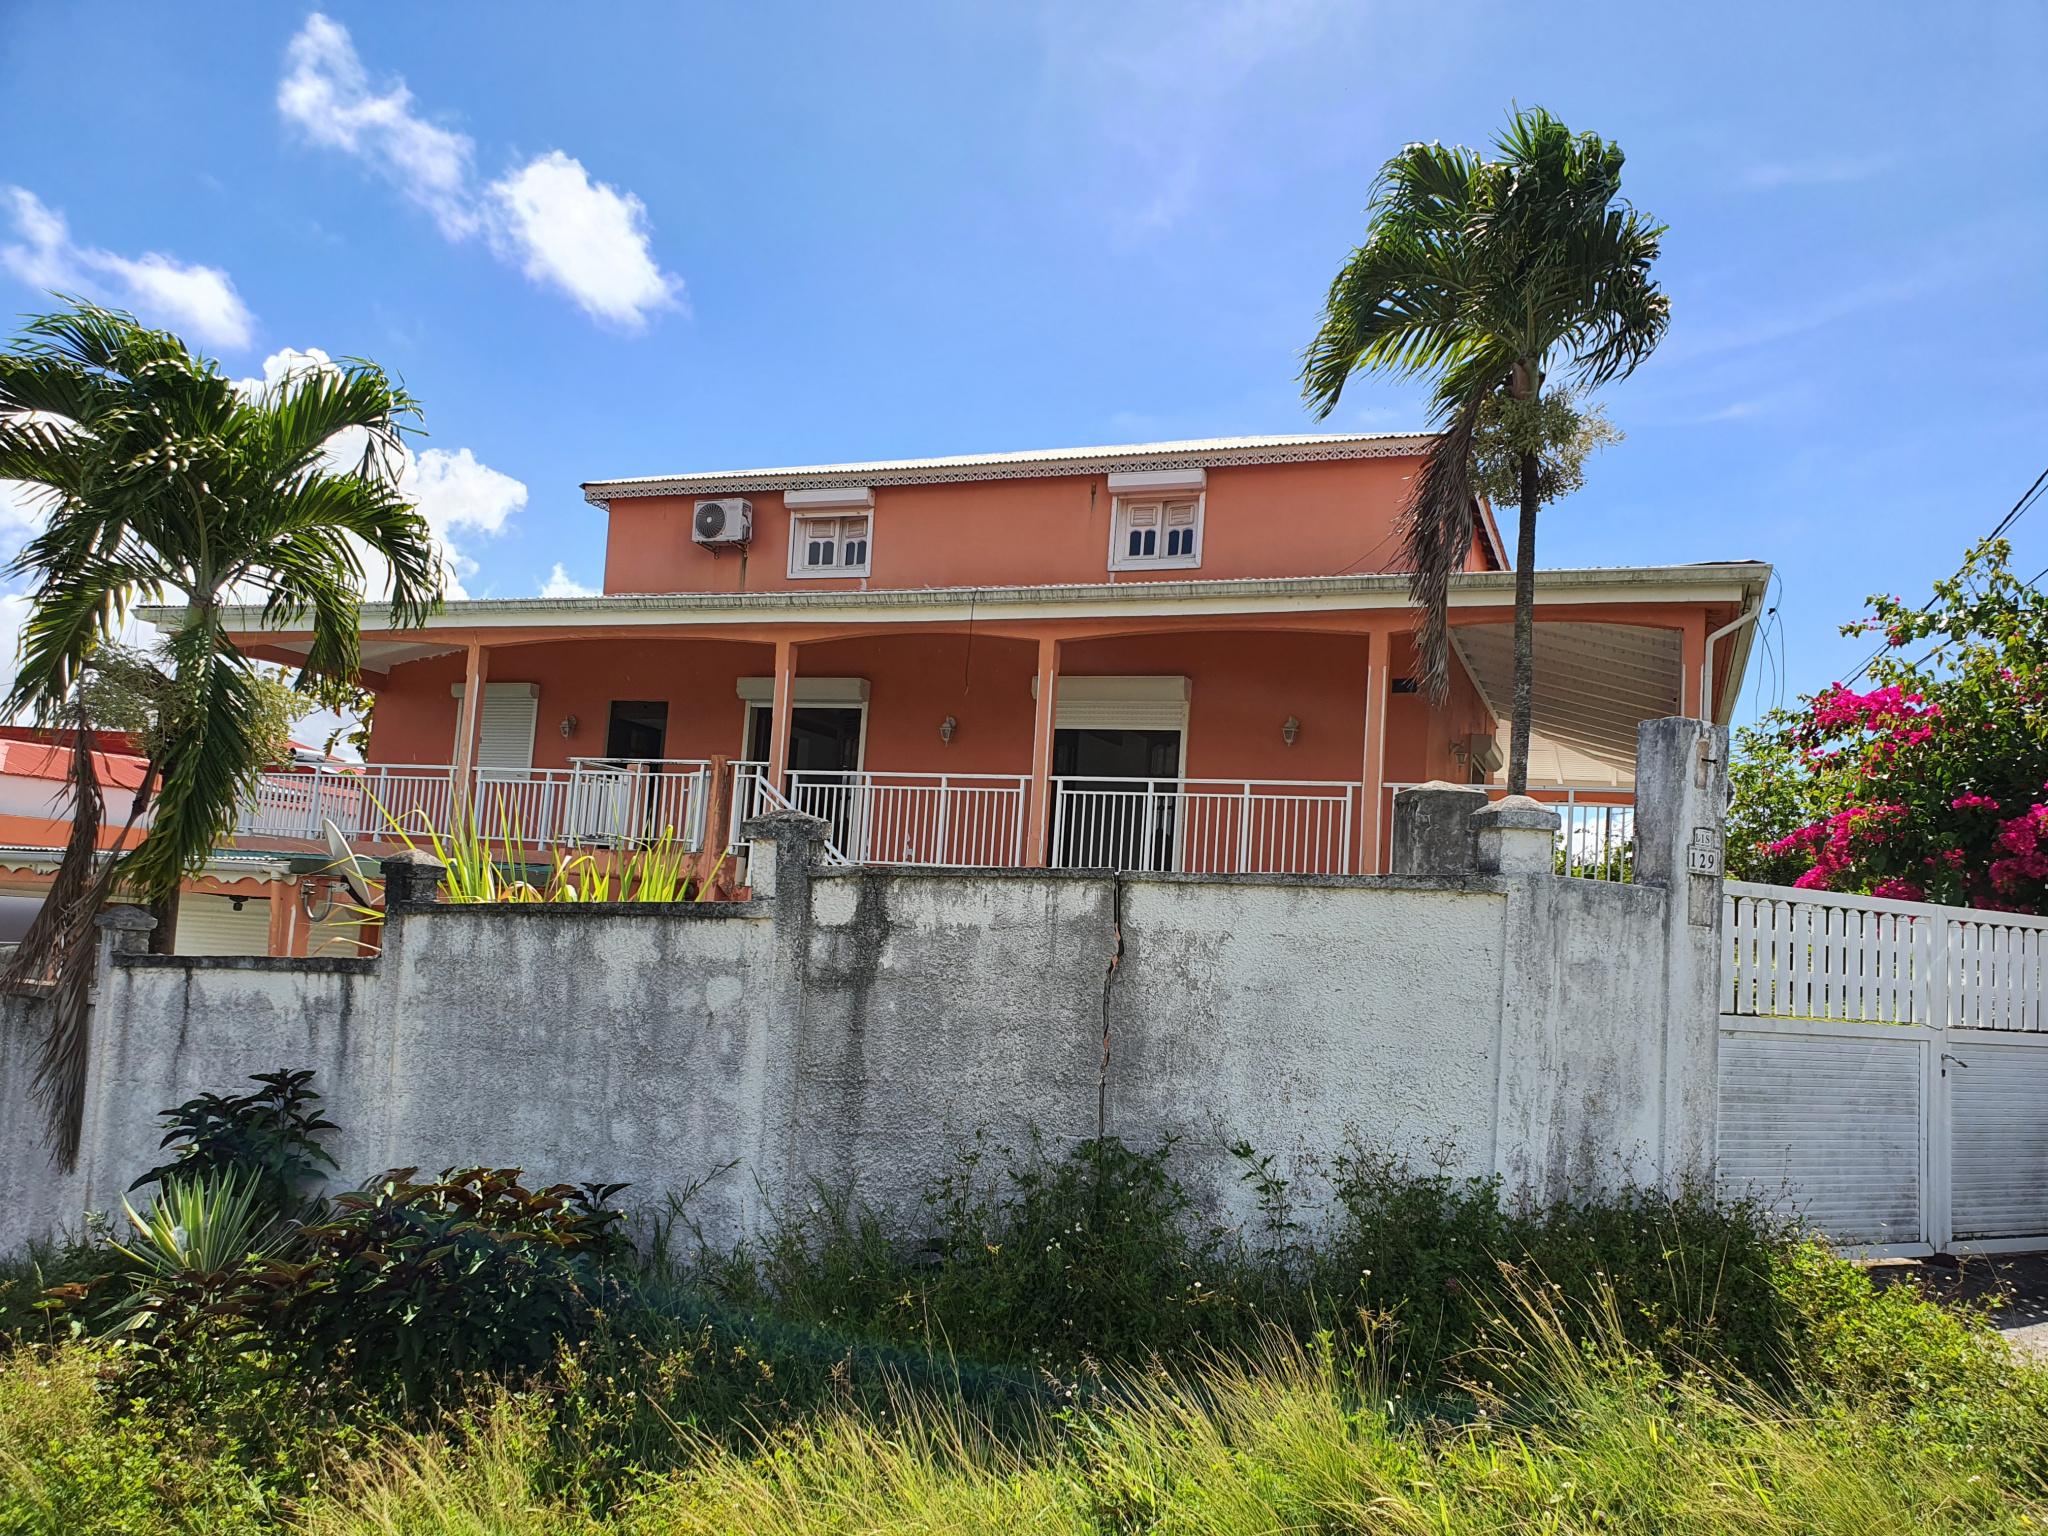 maison/villa A louer PETIT BOURG